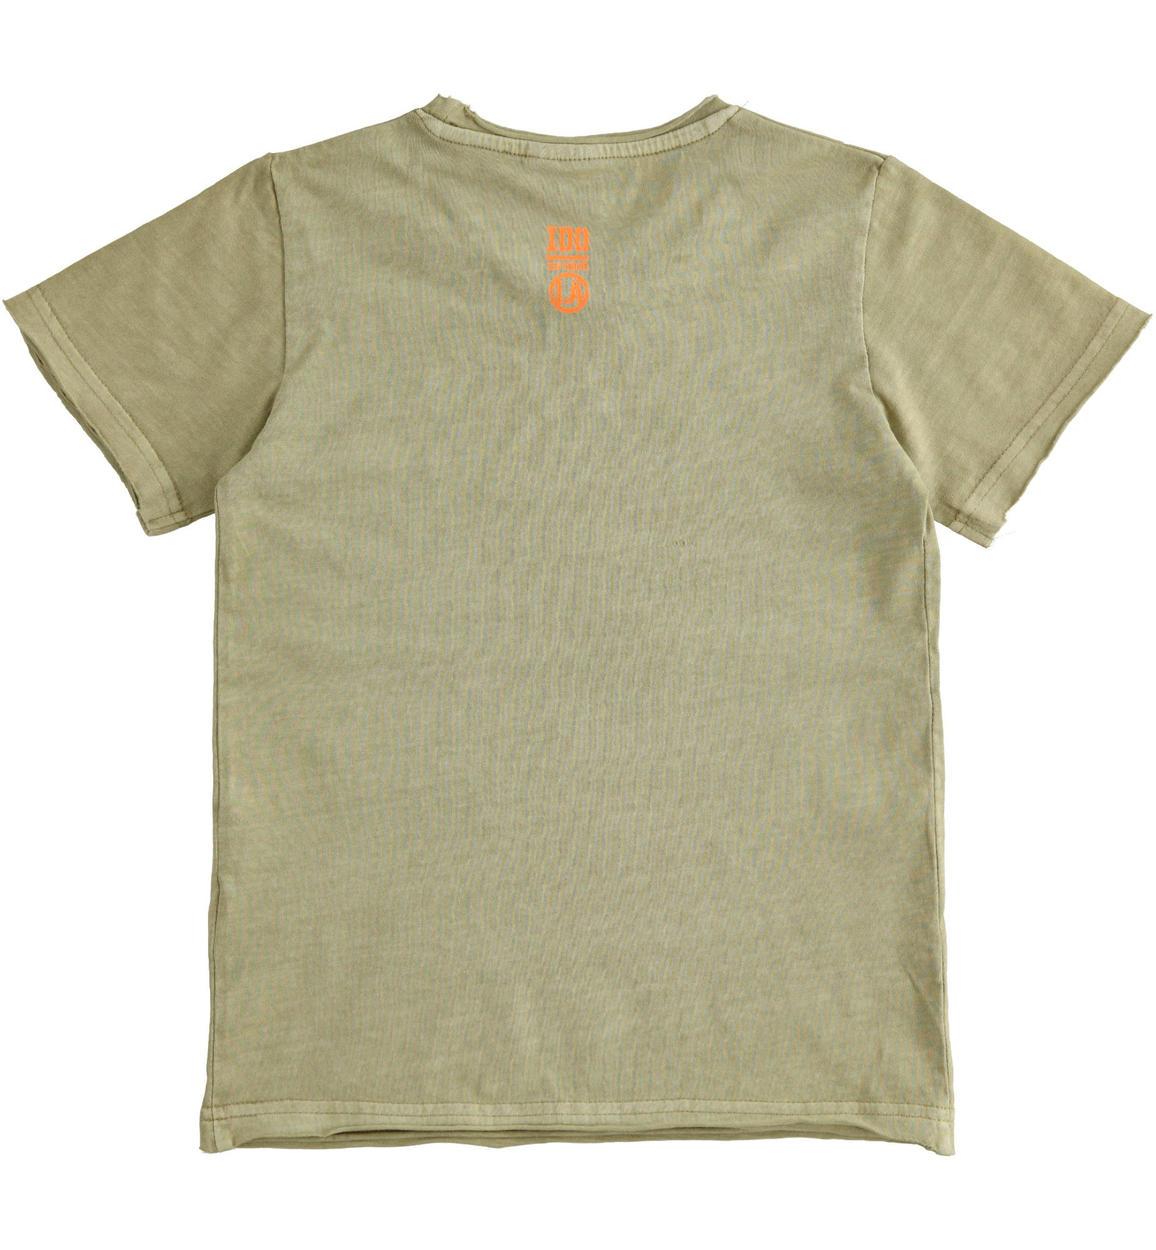 tshirt 100 cotone tema skateboard per sage green retro 02 2434j82000 5526 150x150